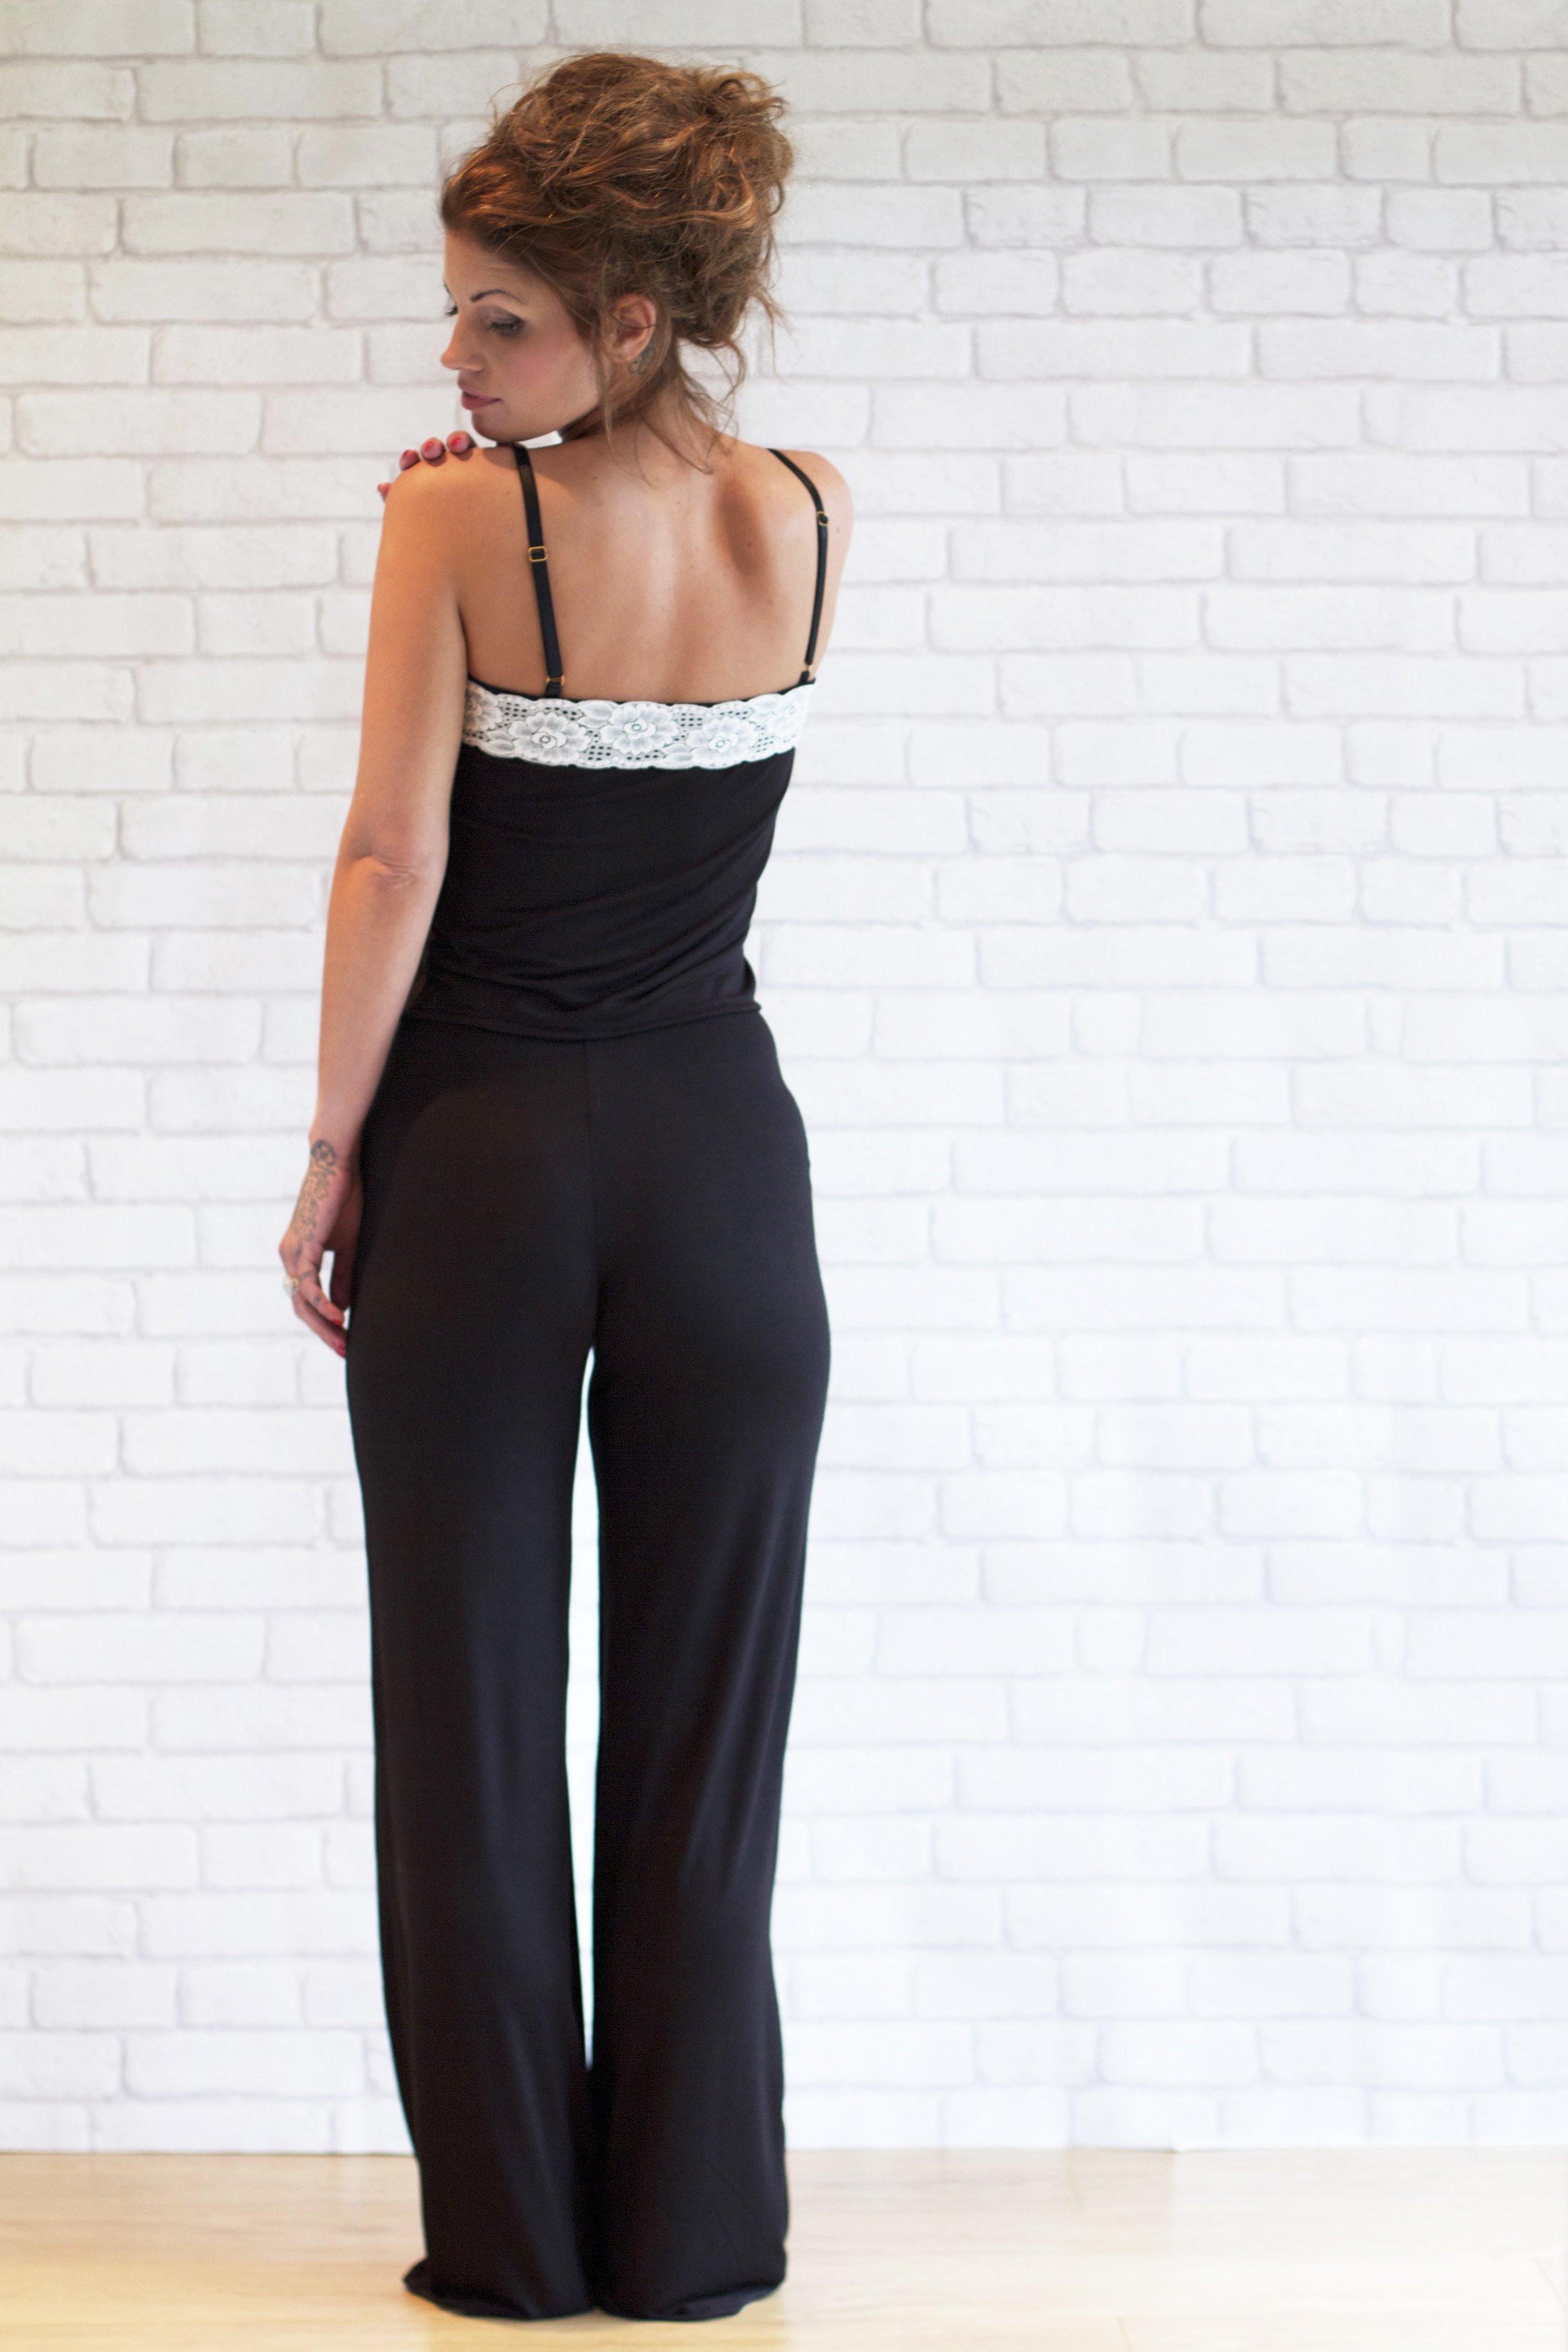 black pyjamas and loungewear